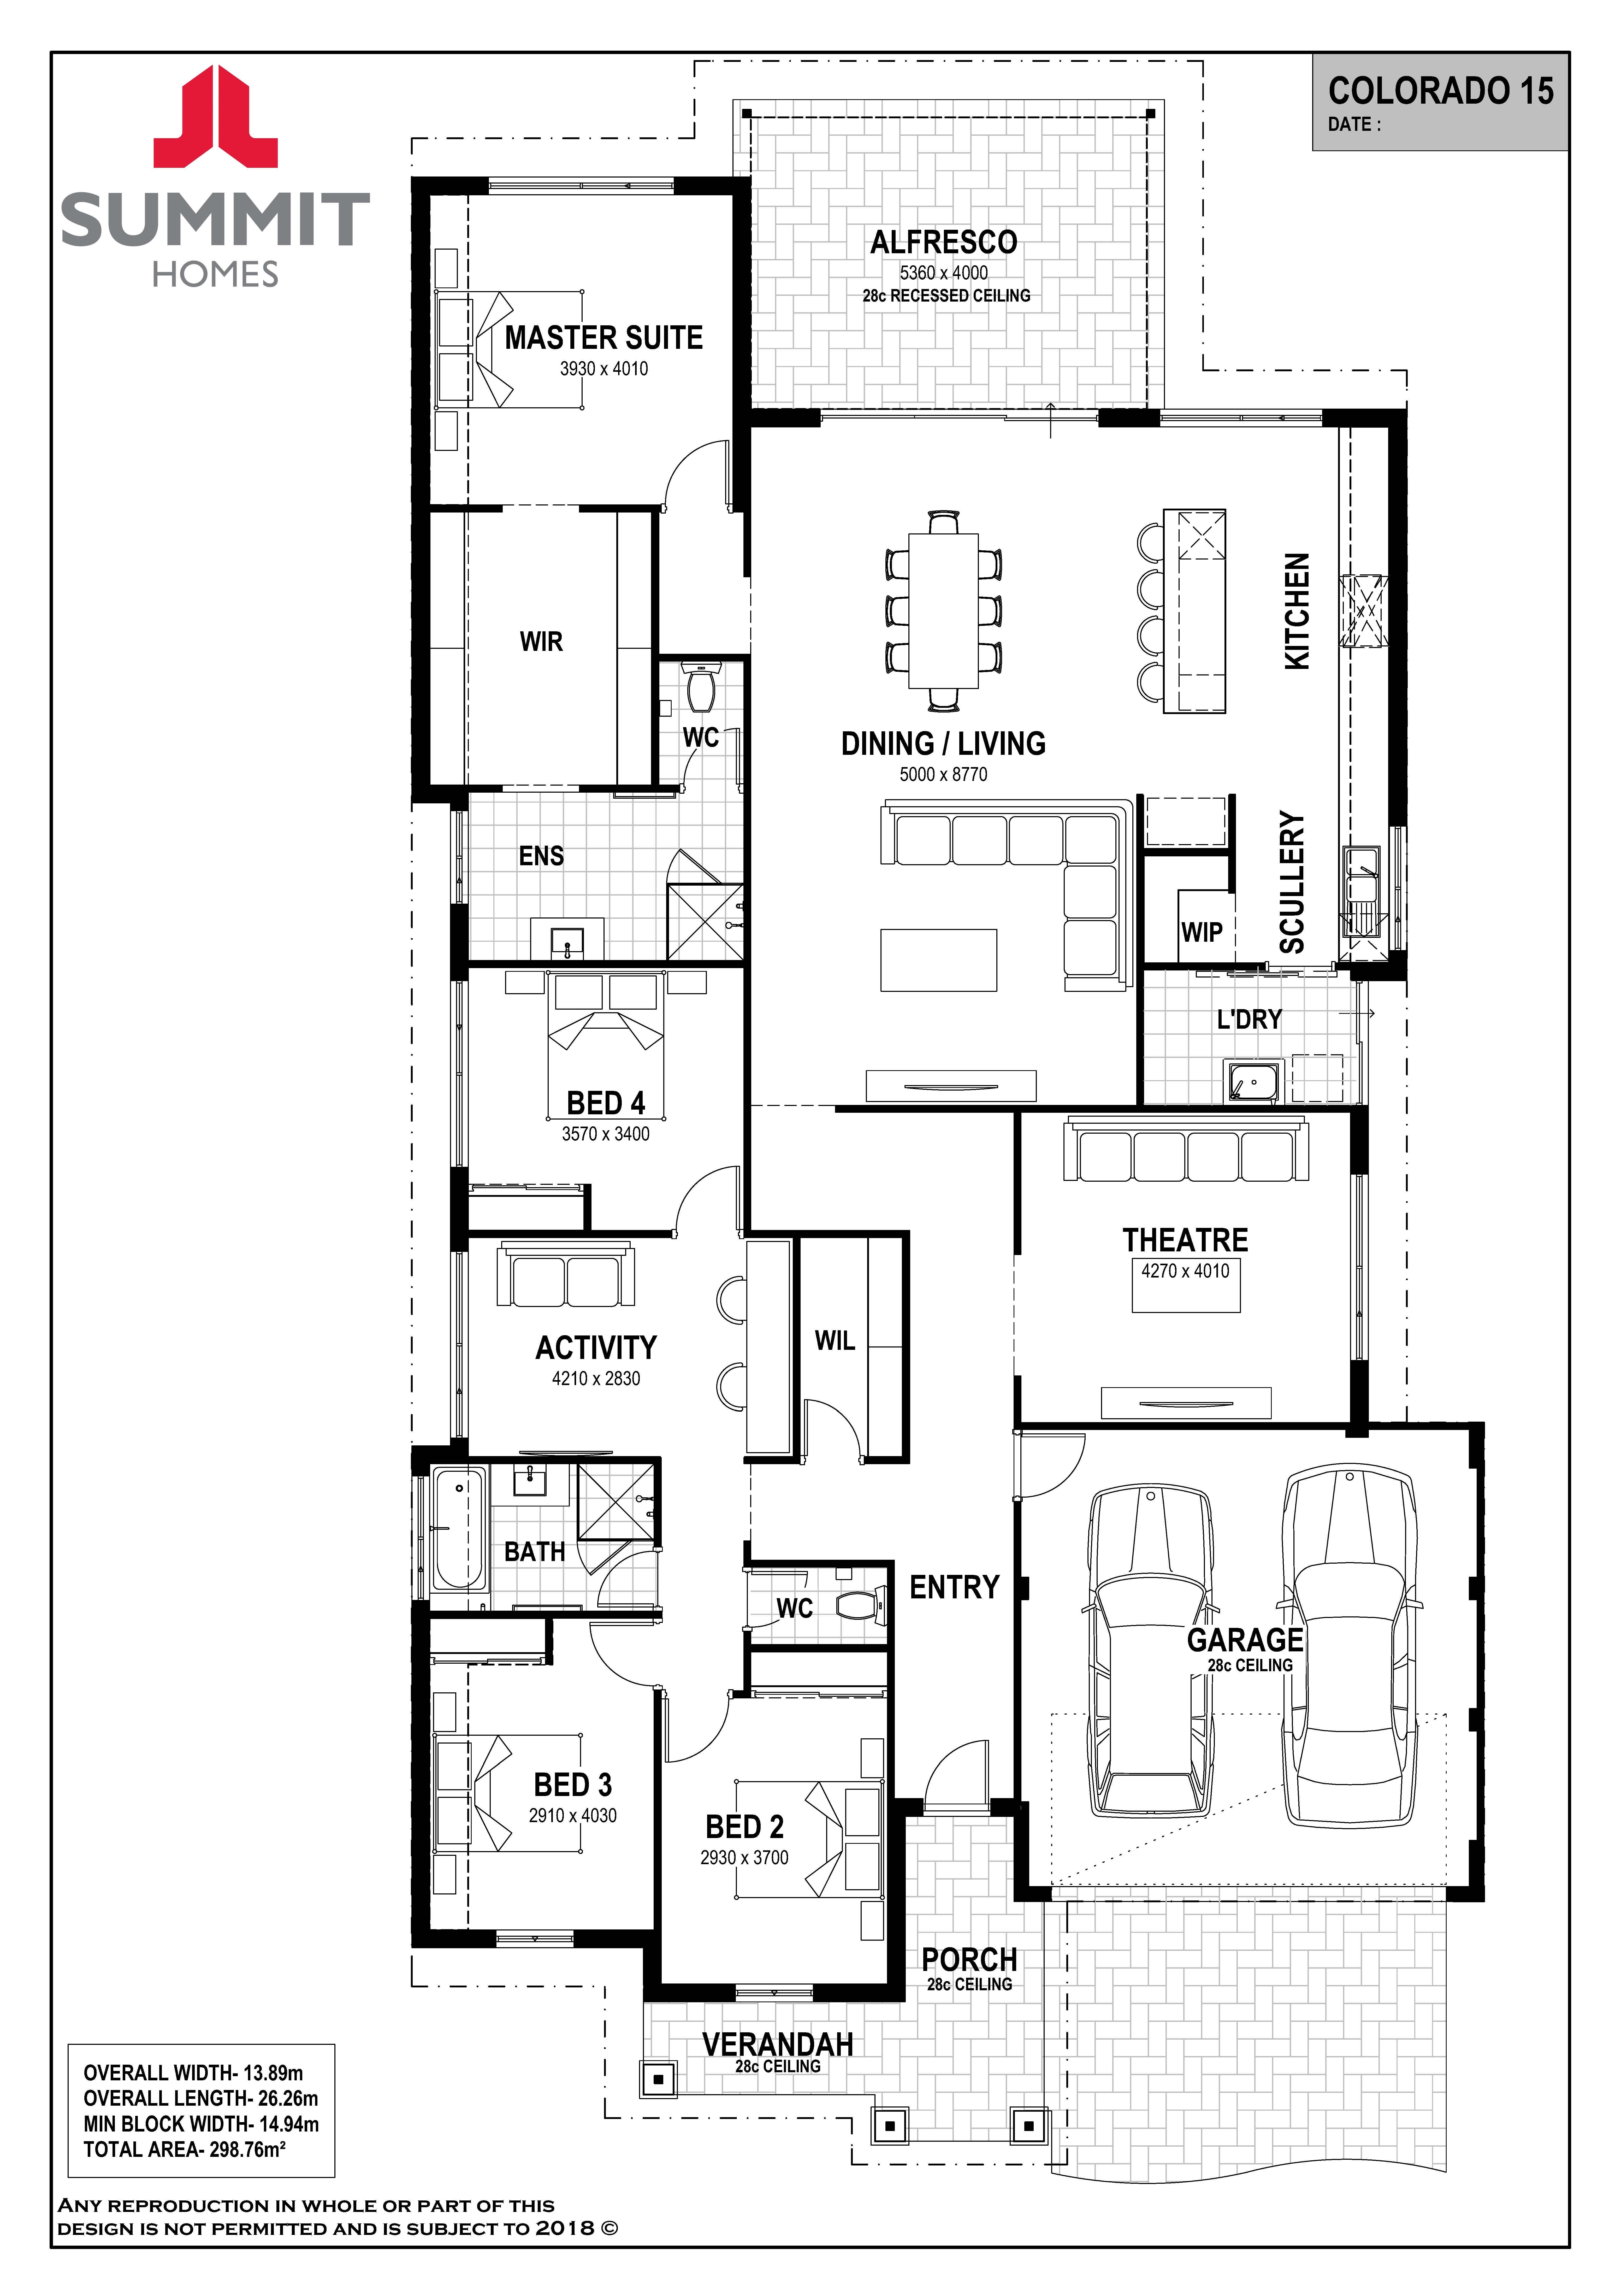 Colorado 15 House Plans Australia Dream House Plans House Floor Plans